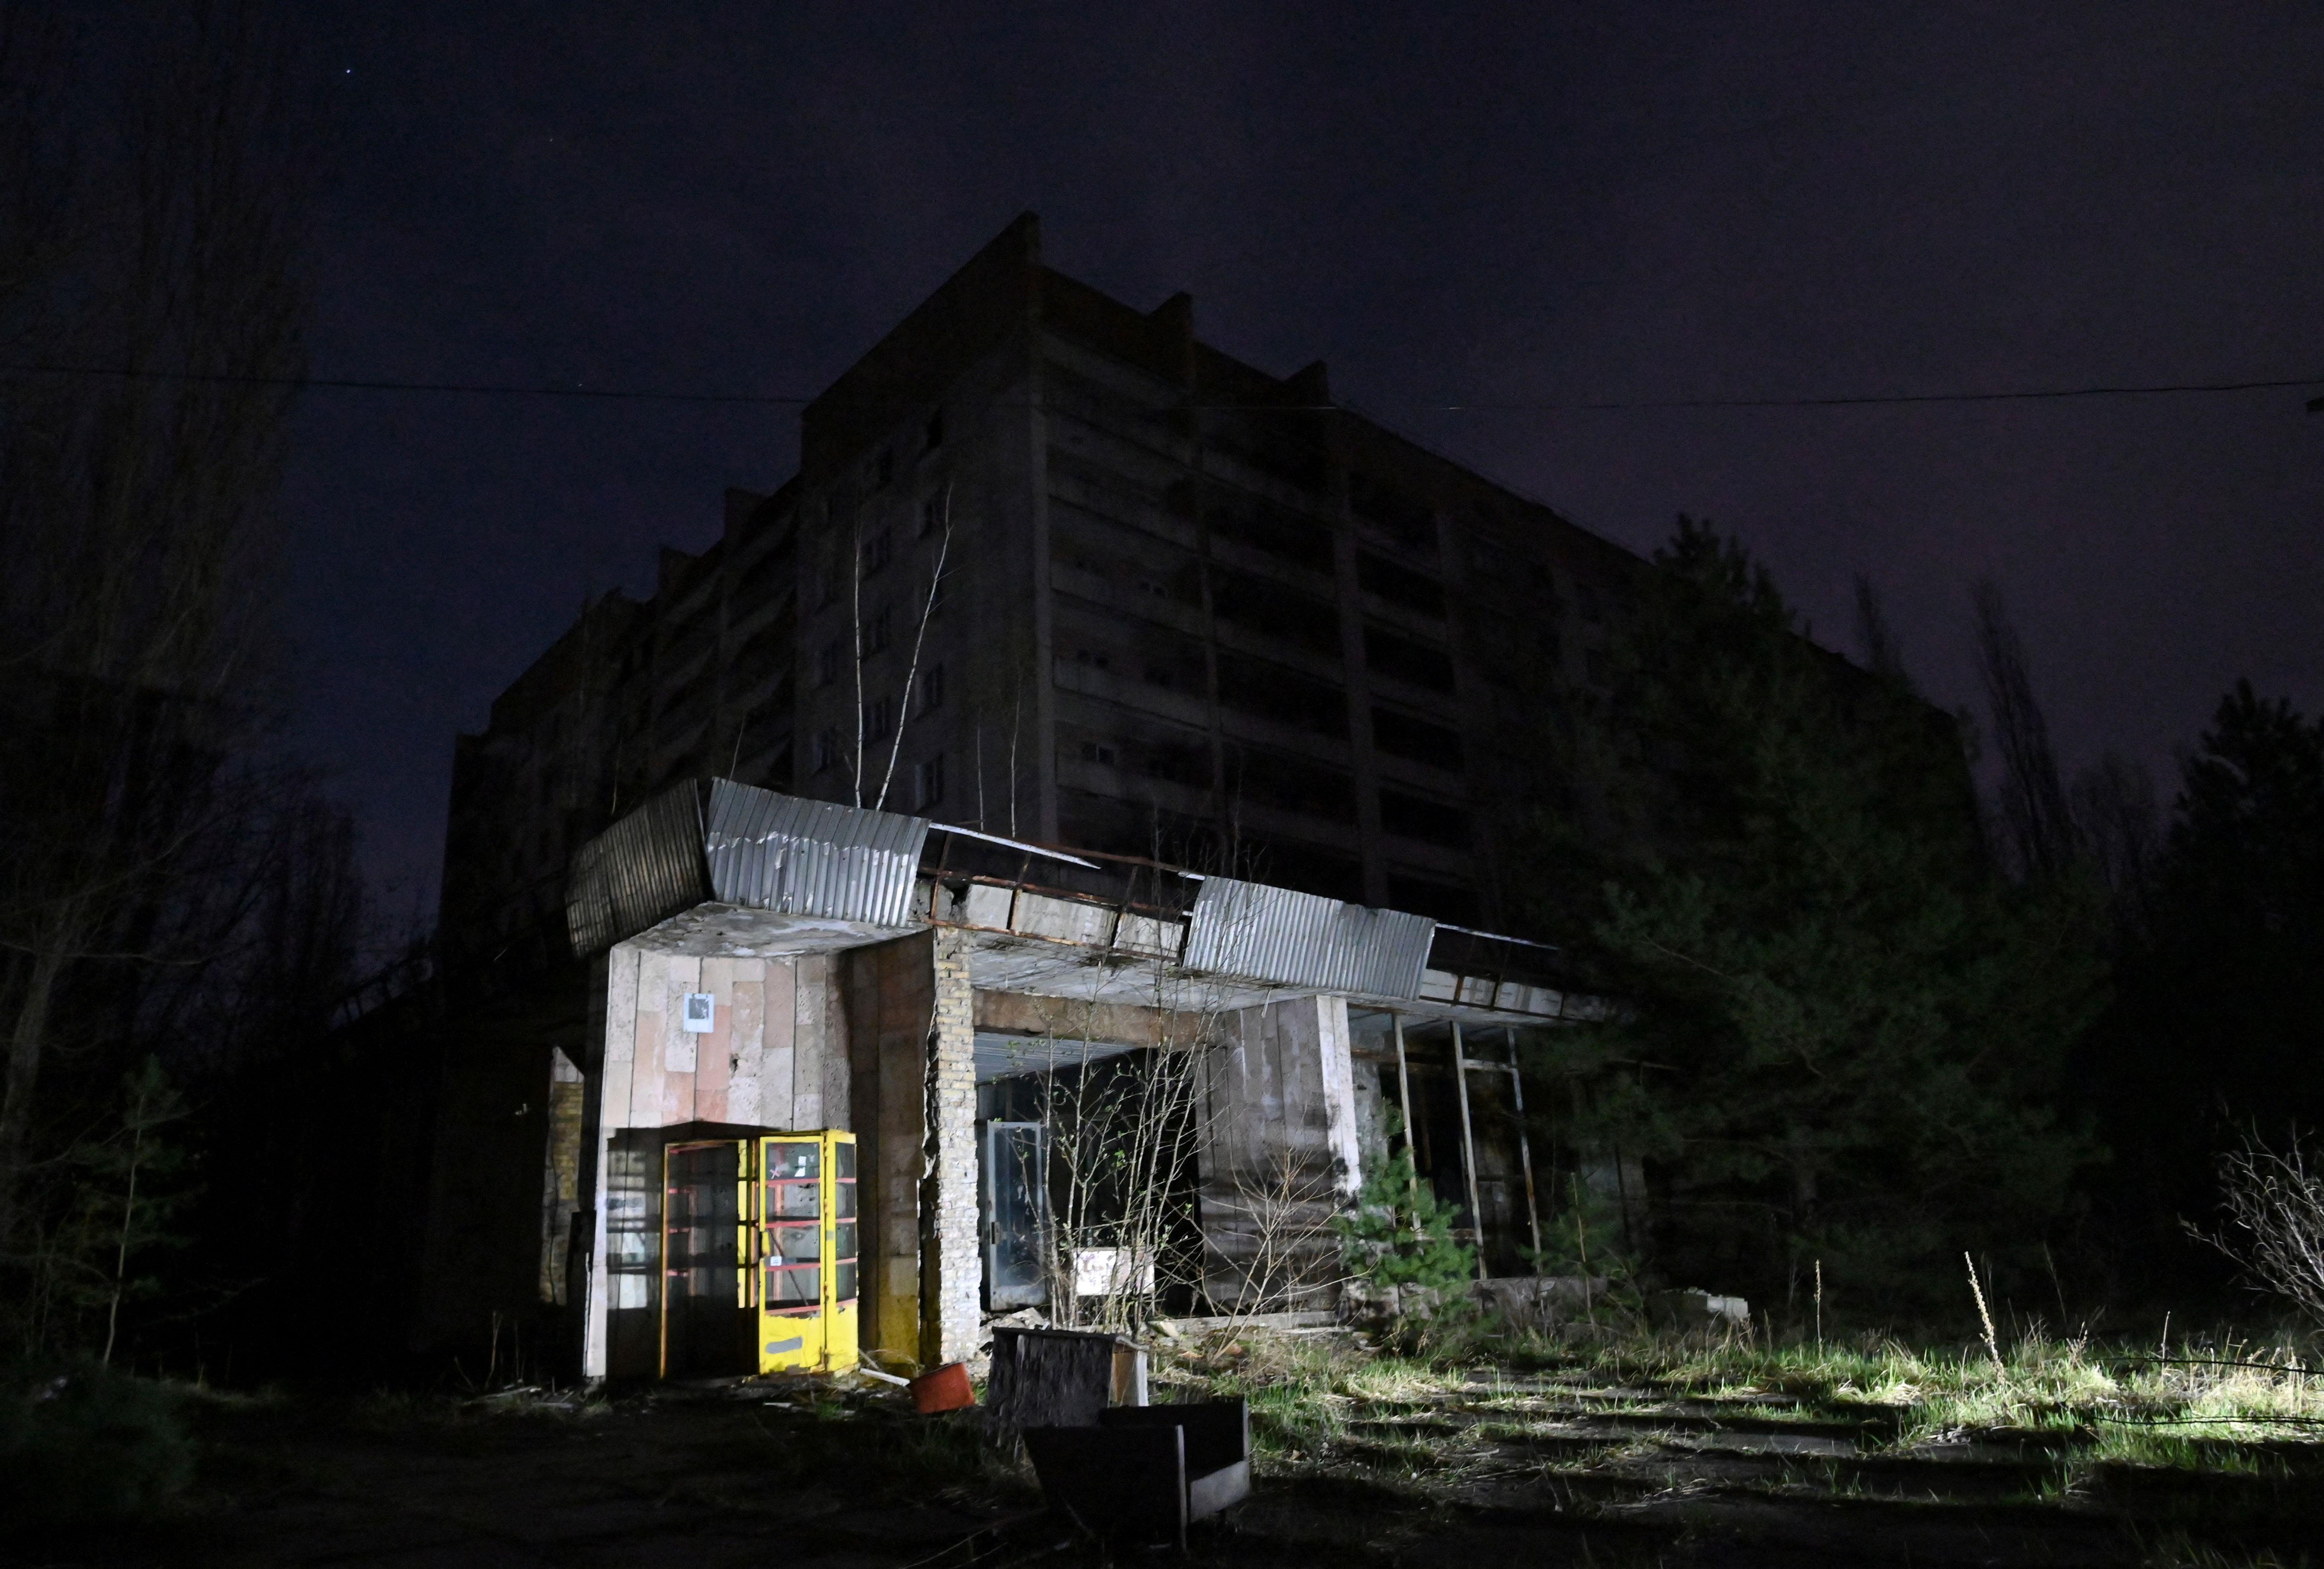 Bangunan terbengkalai di kota mati Pripyat. Foto: Genya Savilov/AFP